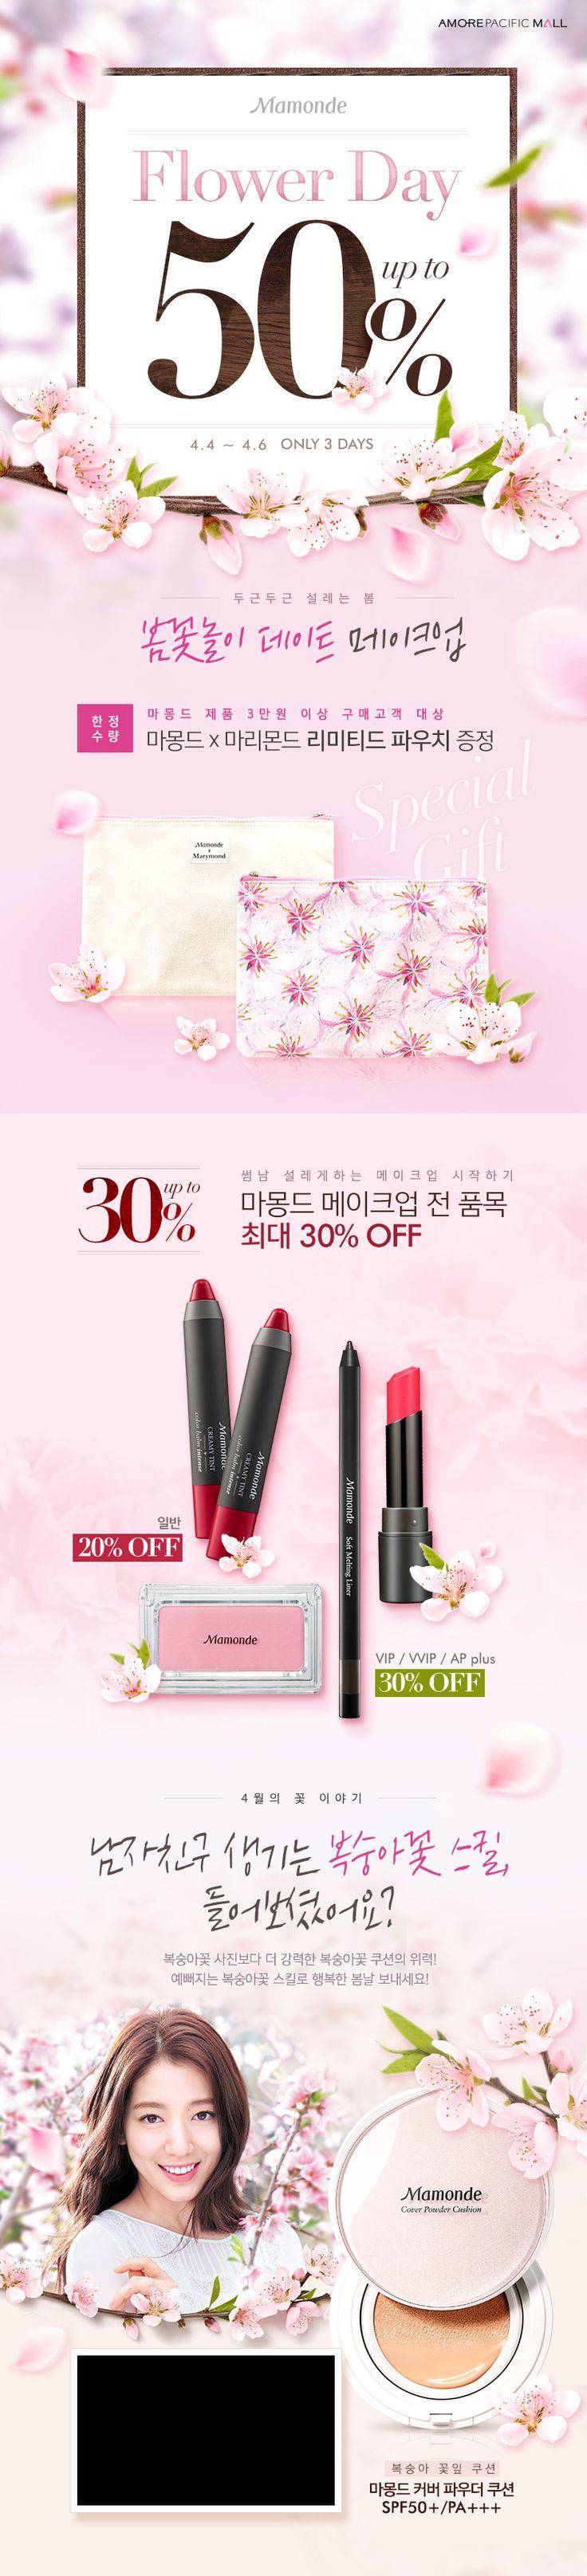 2016-04-04 ~ 2016-04-06 아모페퍼시픽몰, 마몽드, 봄 벚꽃 이벤트